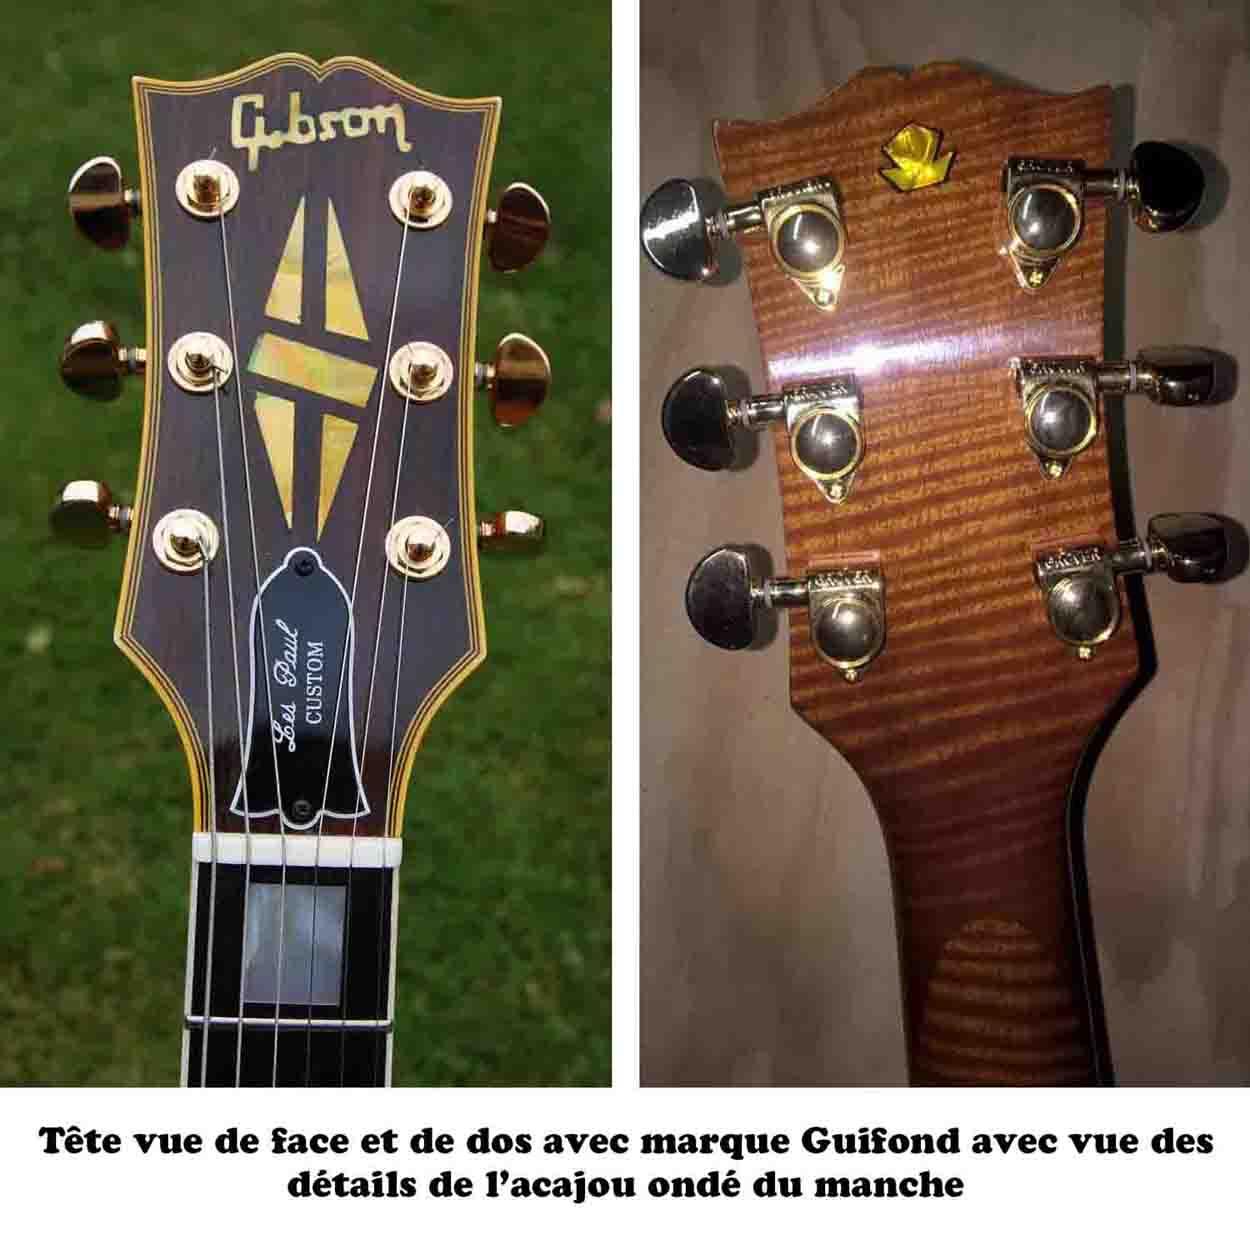 Photos de la tête vue de devant et de derrière de la guitare GB son